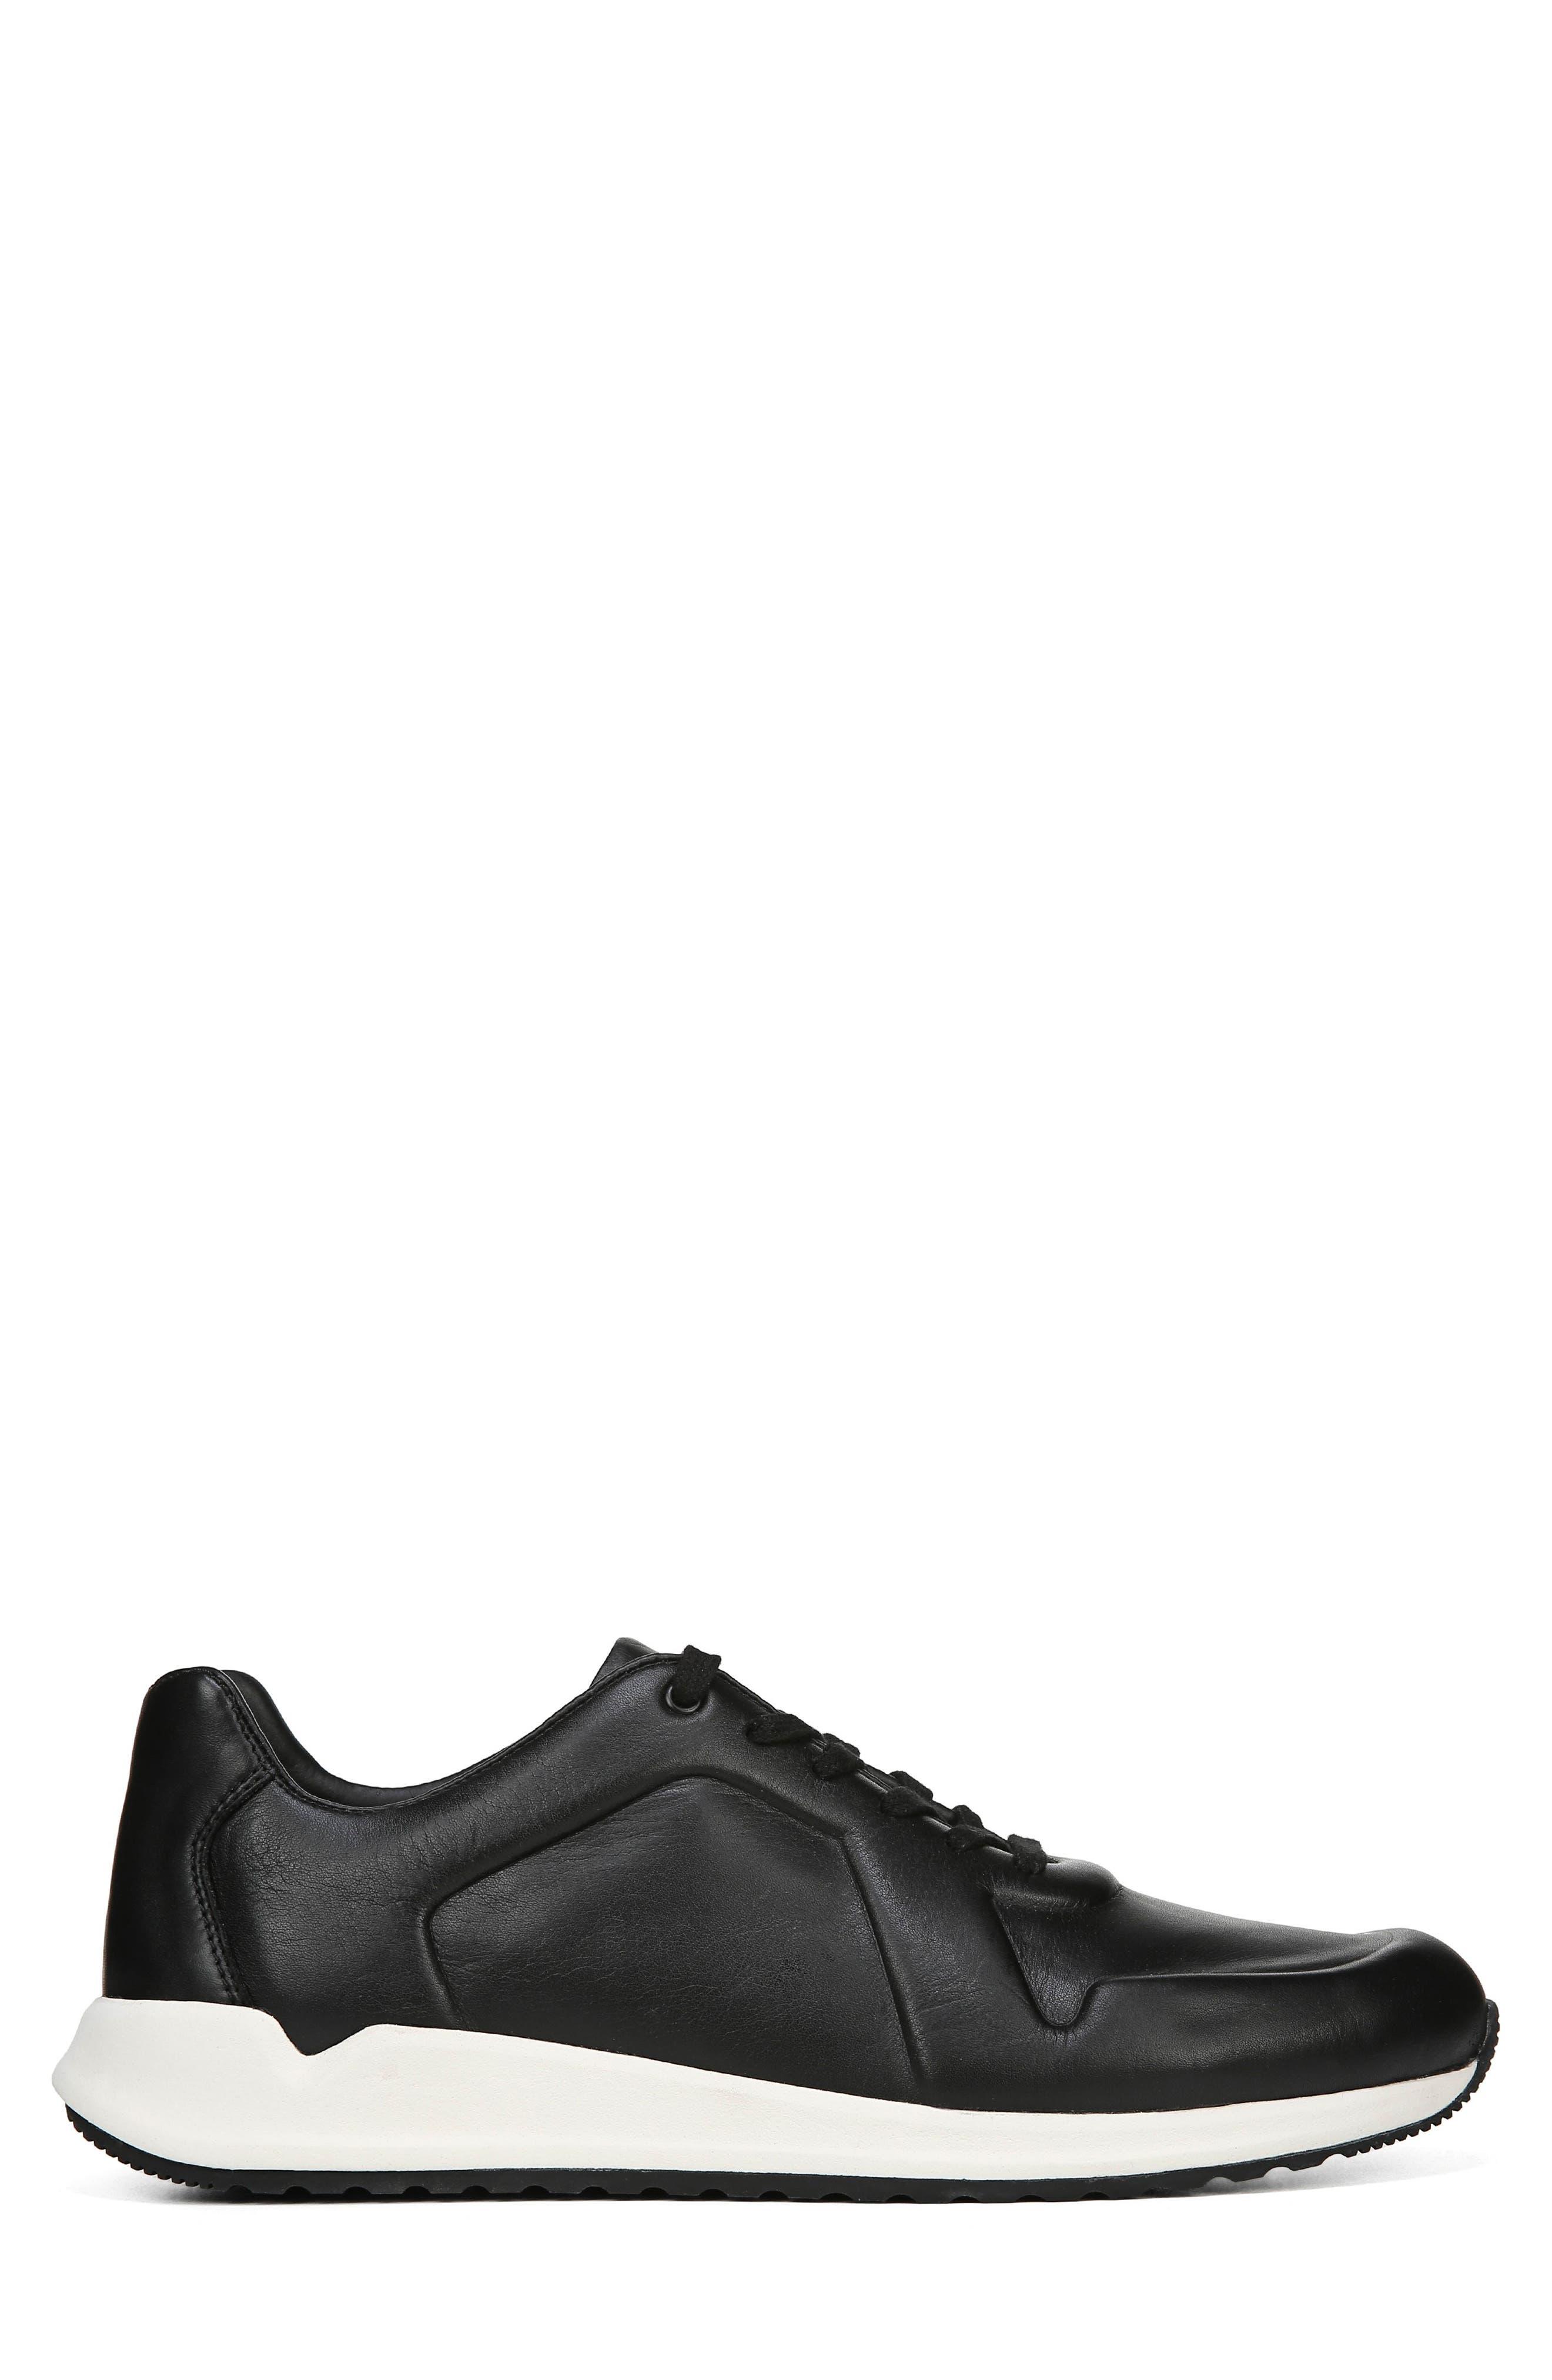 Garrett Sneaker,                             Alternate thumbnail 3, color,                             BLACK/ BLACK